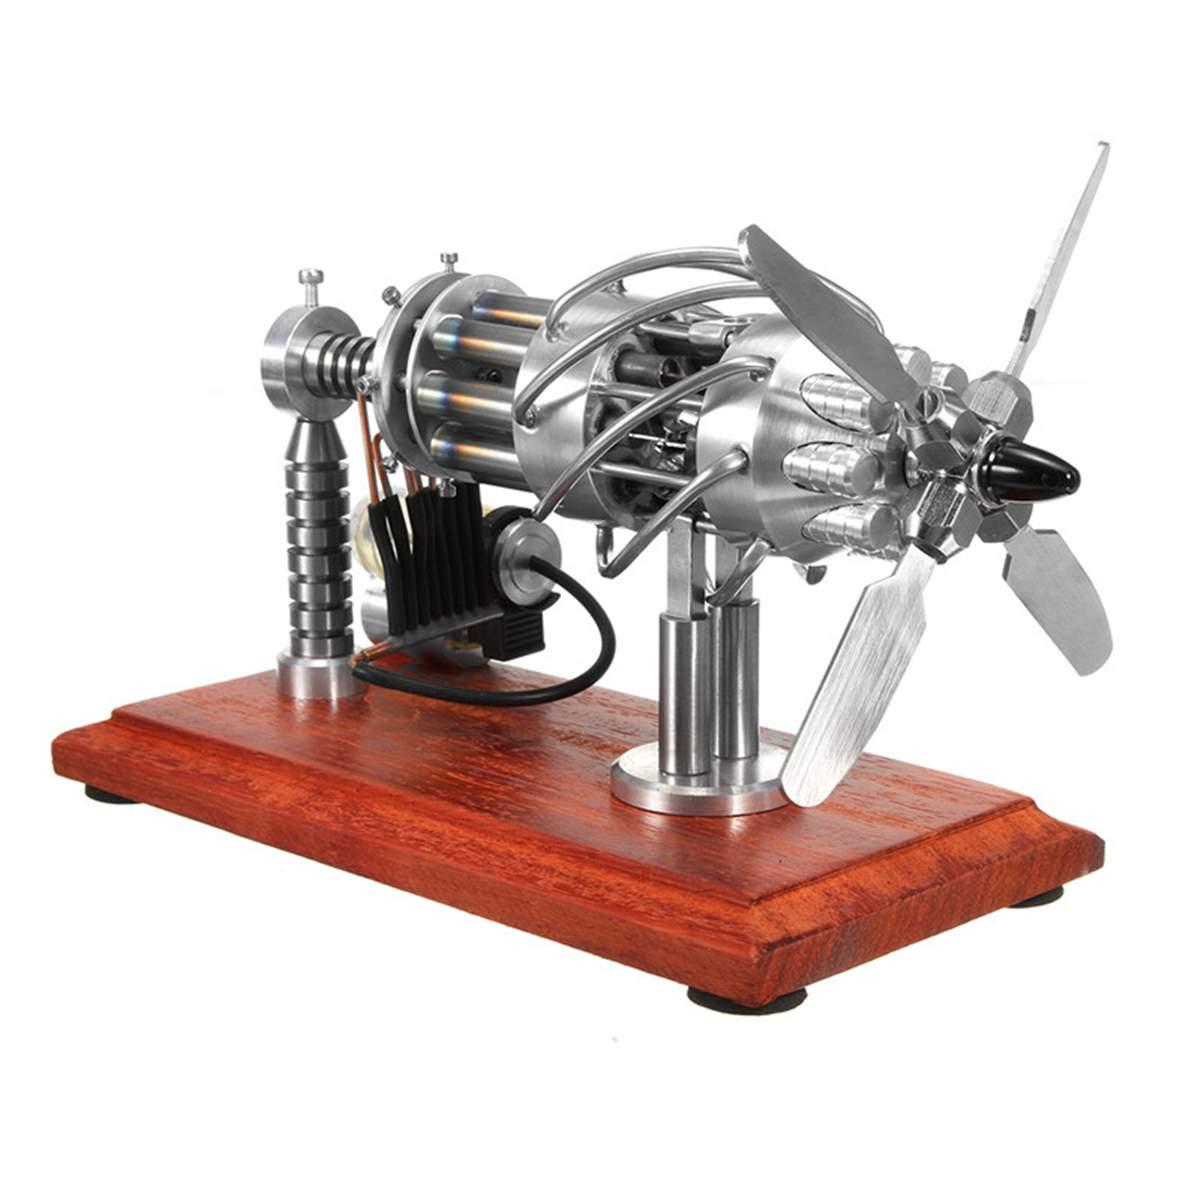 Mini Hot Air Motore Stirling Modello Del Motore Flusso di Alimentazione Educativi Modelli Esperimento di Fisica del Materiale Didattico Scienza RegaloMini Hot Air Motore Stirling Modello Del Motore Flusso di Alimentazione Educativi Modelli Esperimento di Fisica del Materiale Didattico Scienza Regalo